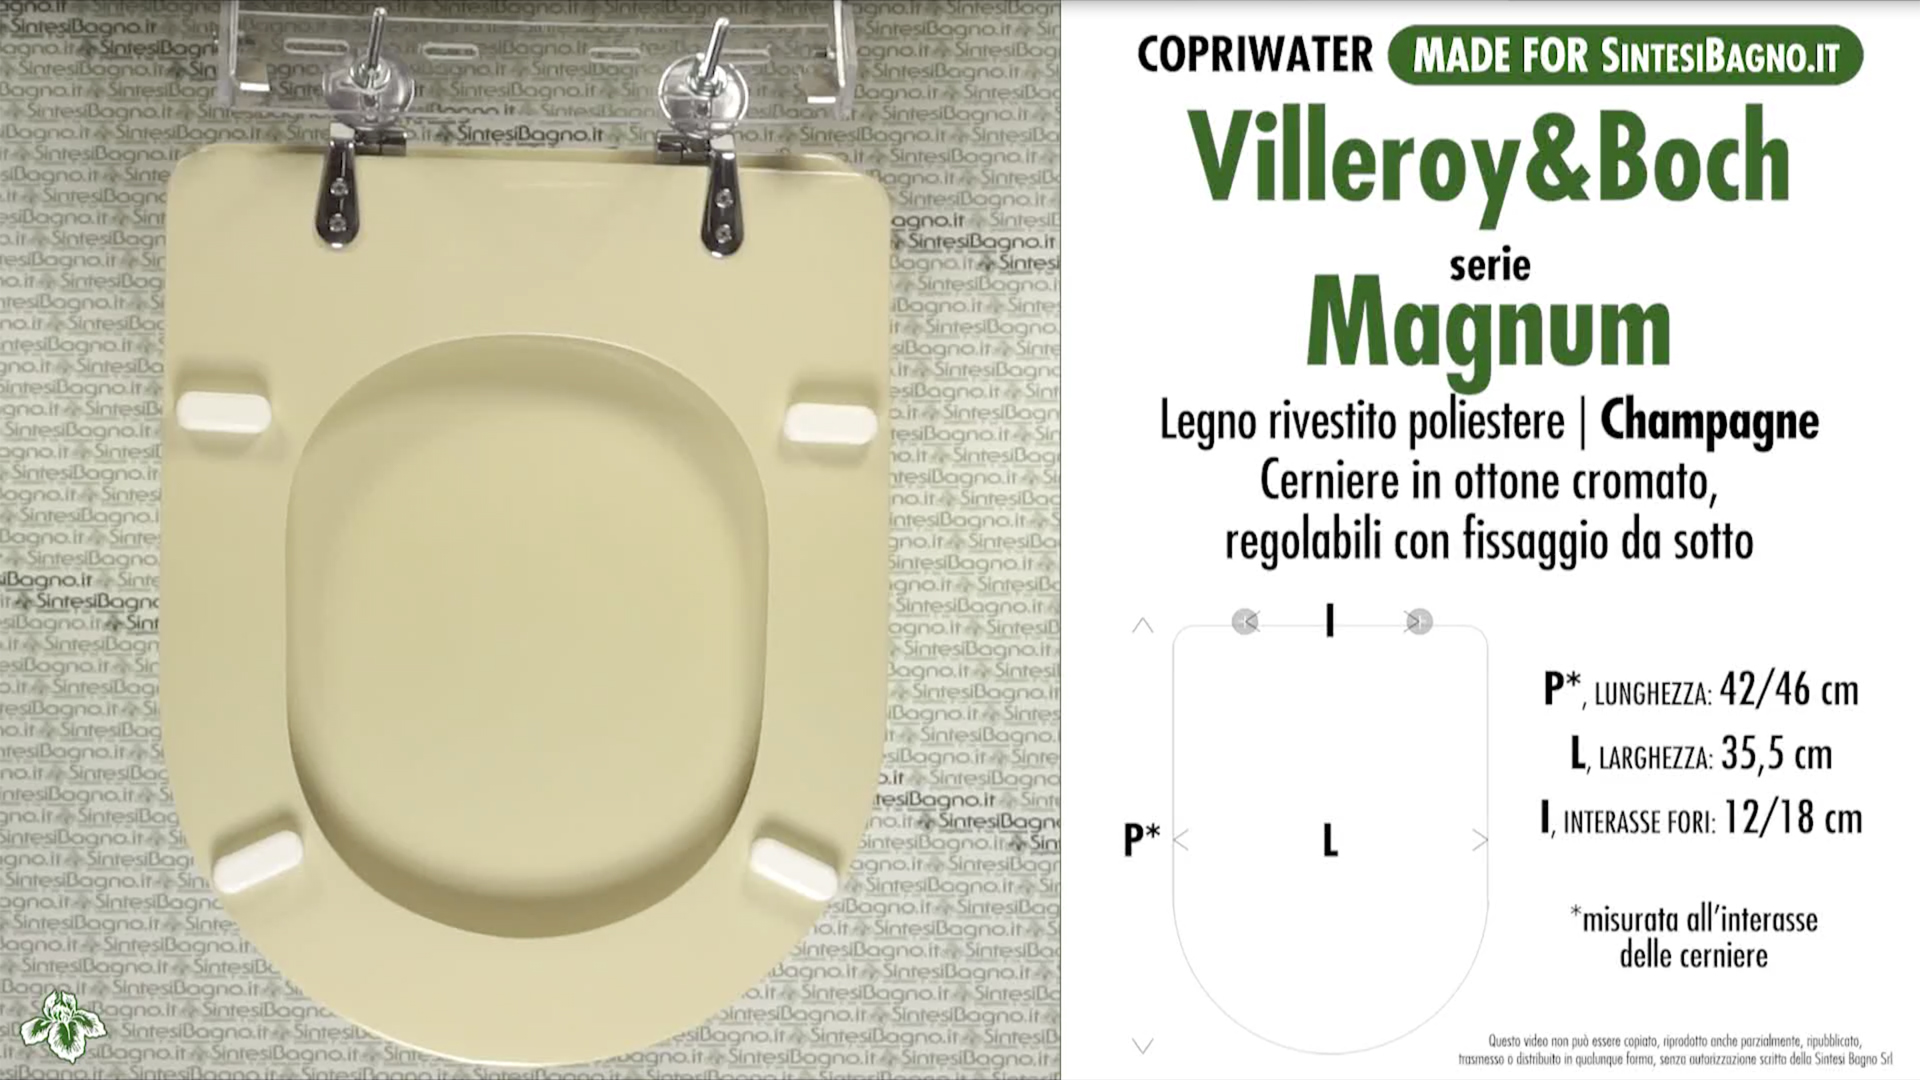 Schede tecniche Villeroy&Boch Magnum